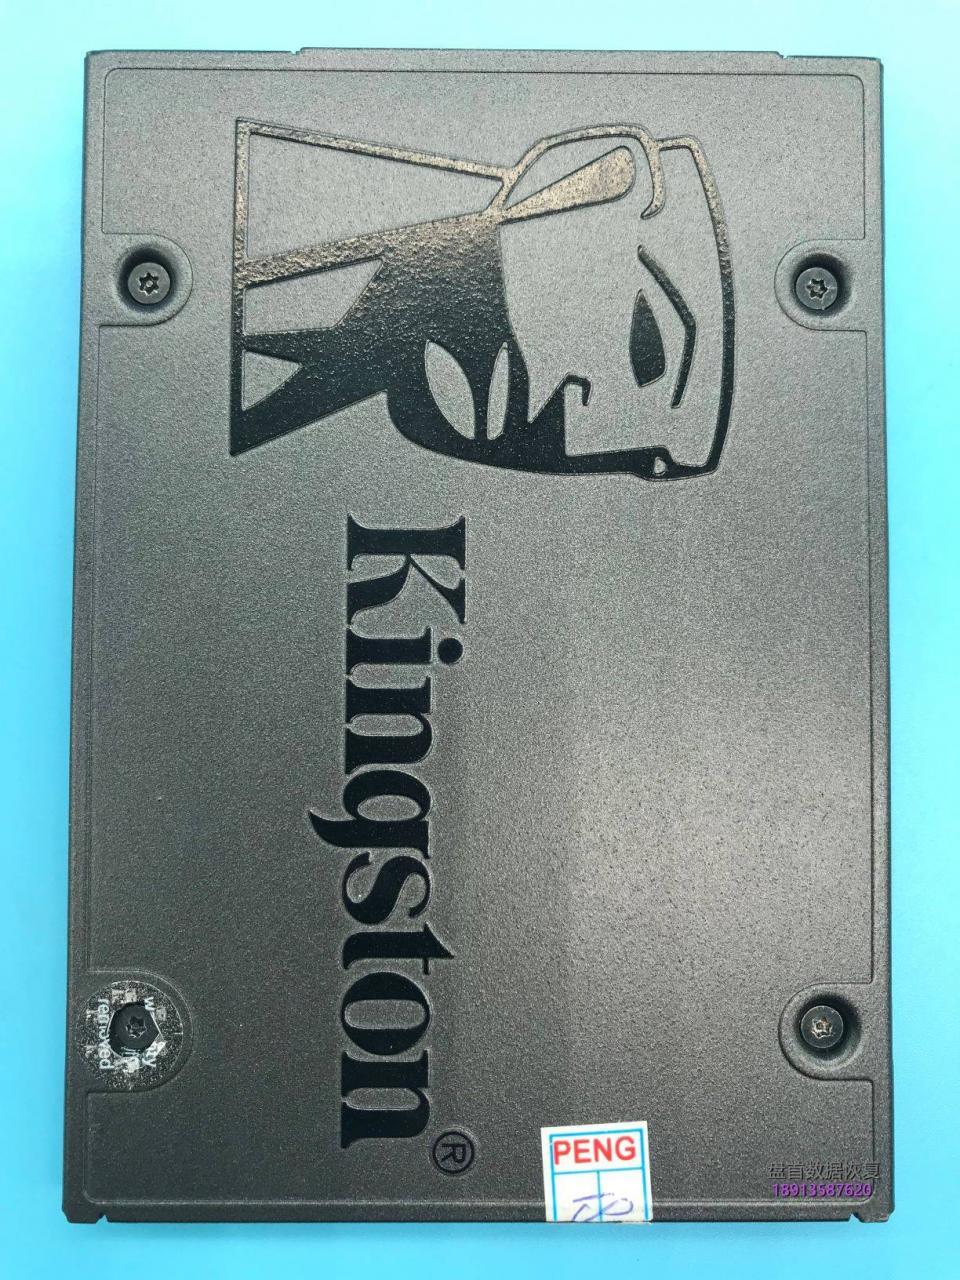 群联Phison主控掉盘通病完美解决金士顿SA400S37别成SATAFIRM S11数据无法读取不读盘